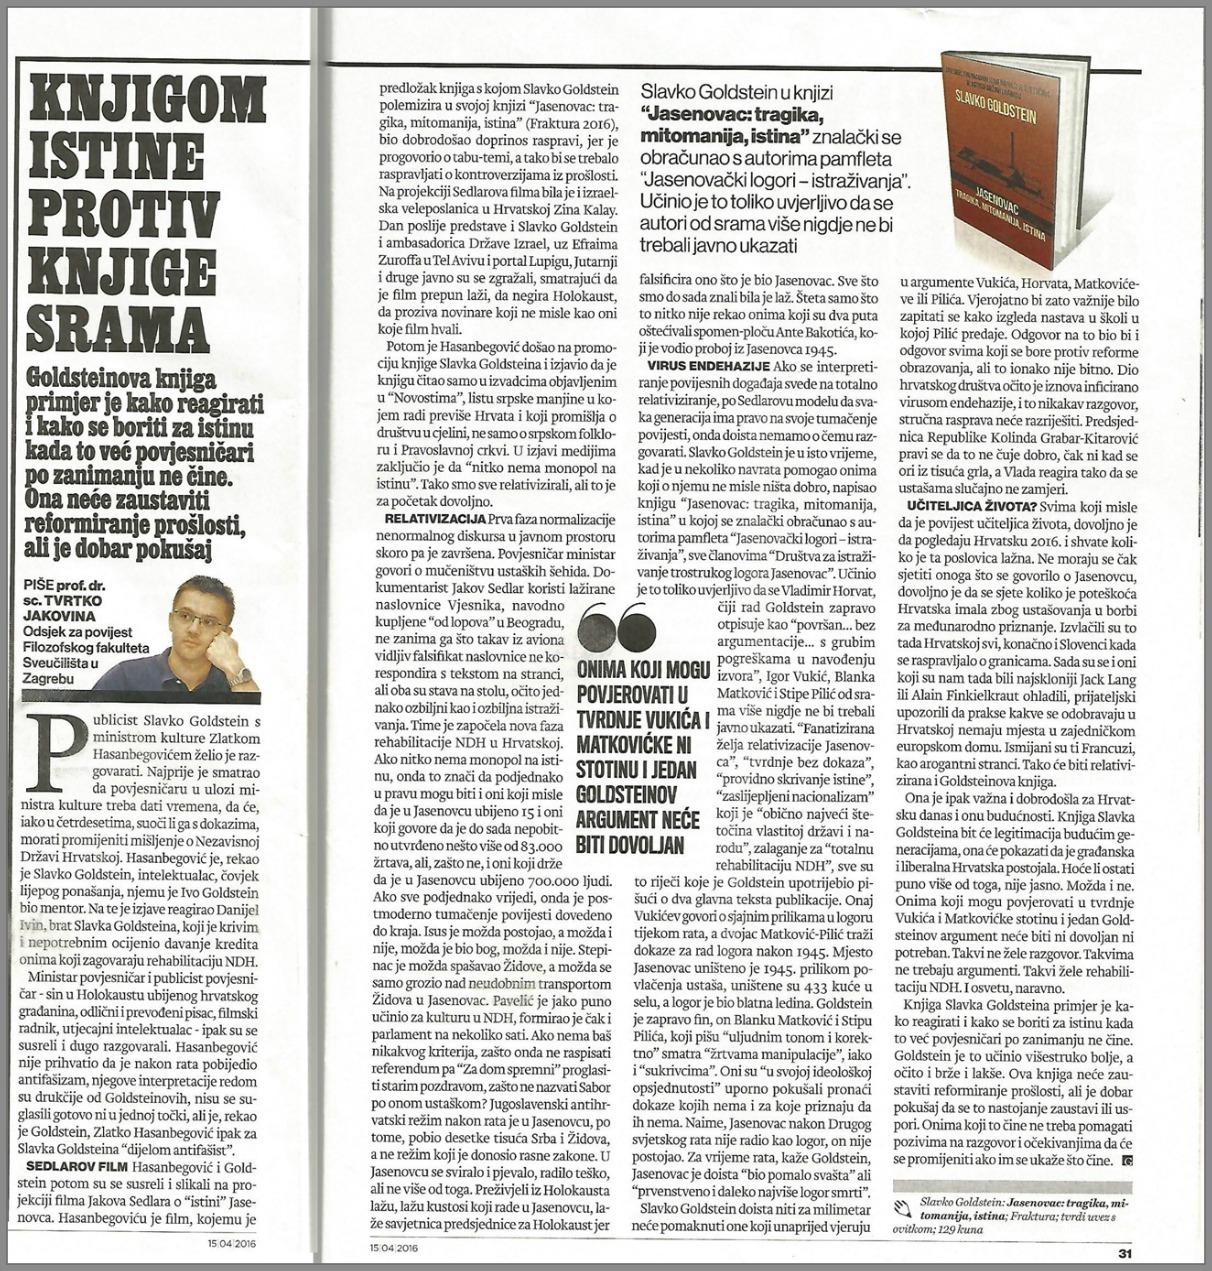 Jakovina-o-Goldsteinovoj-knjizi-15-04[1]